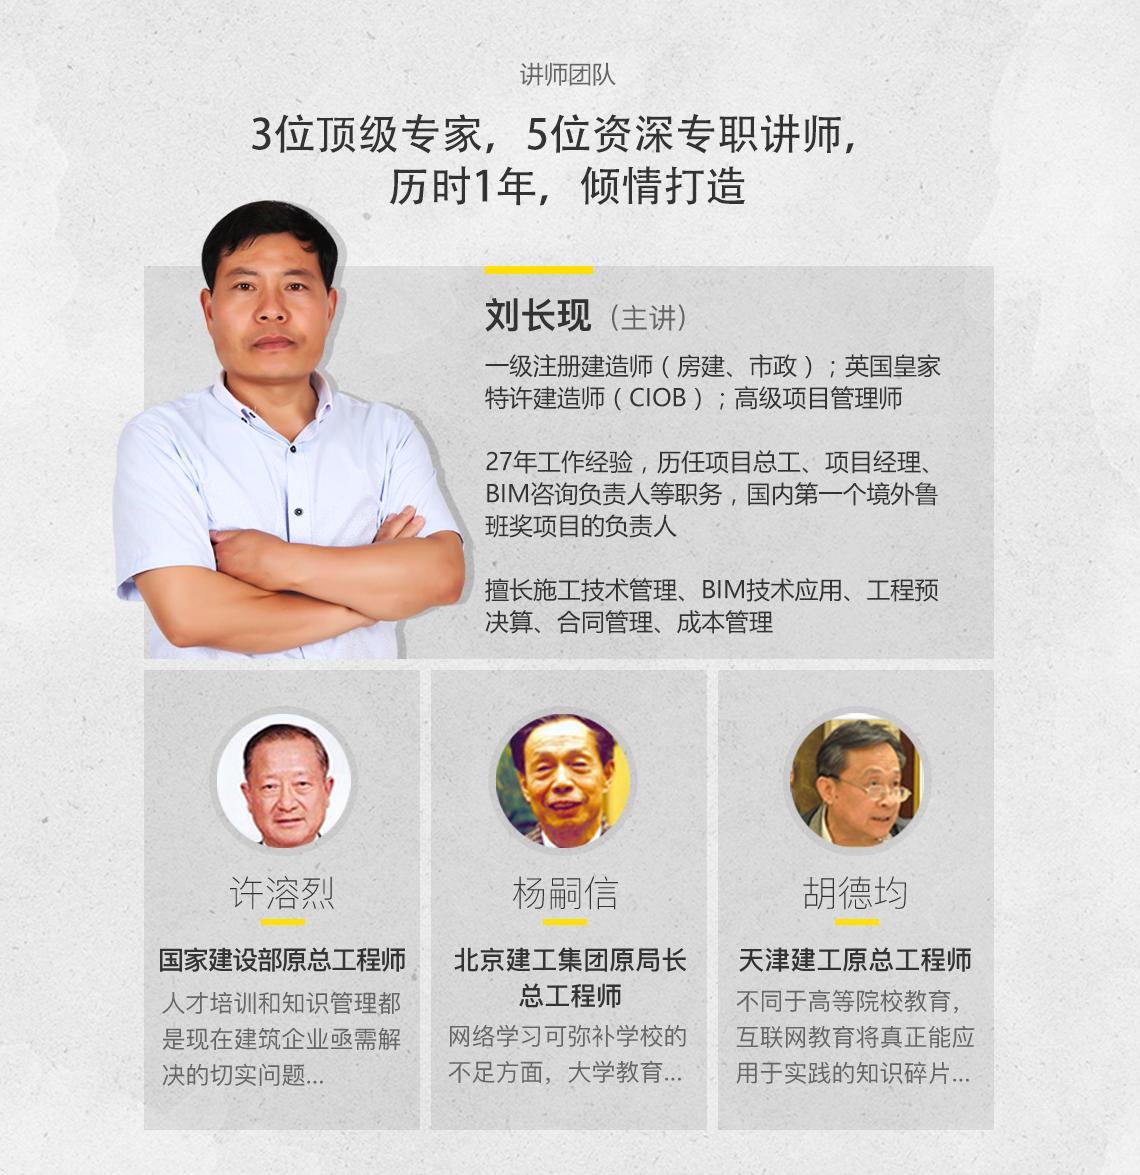 刘长现 英国皇家特许建造师 BIM技术应用 境外鲁班奖项目负责人